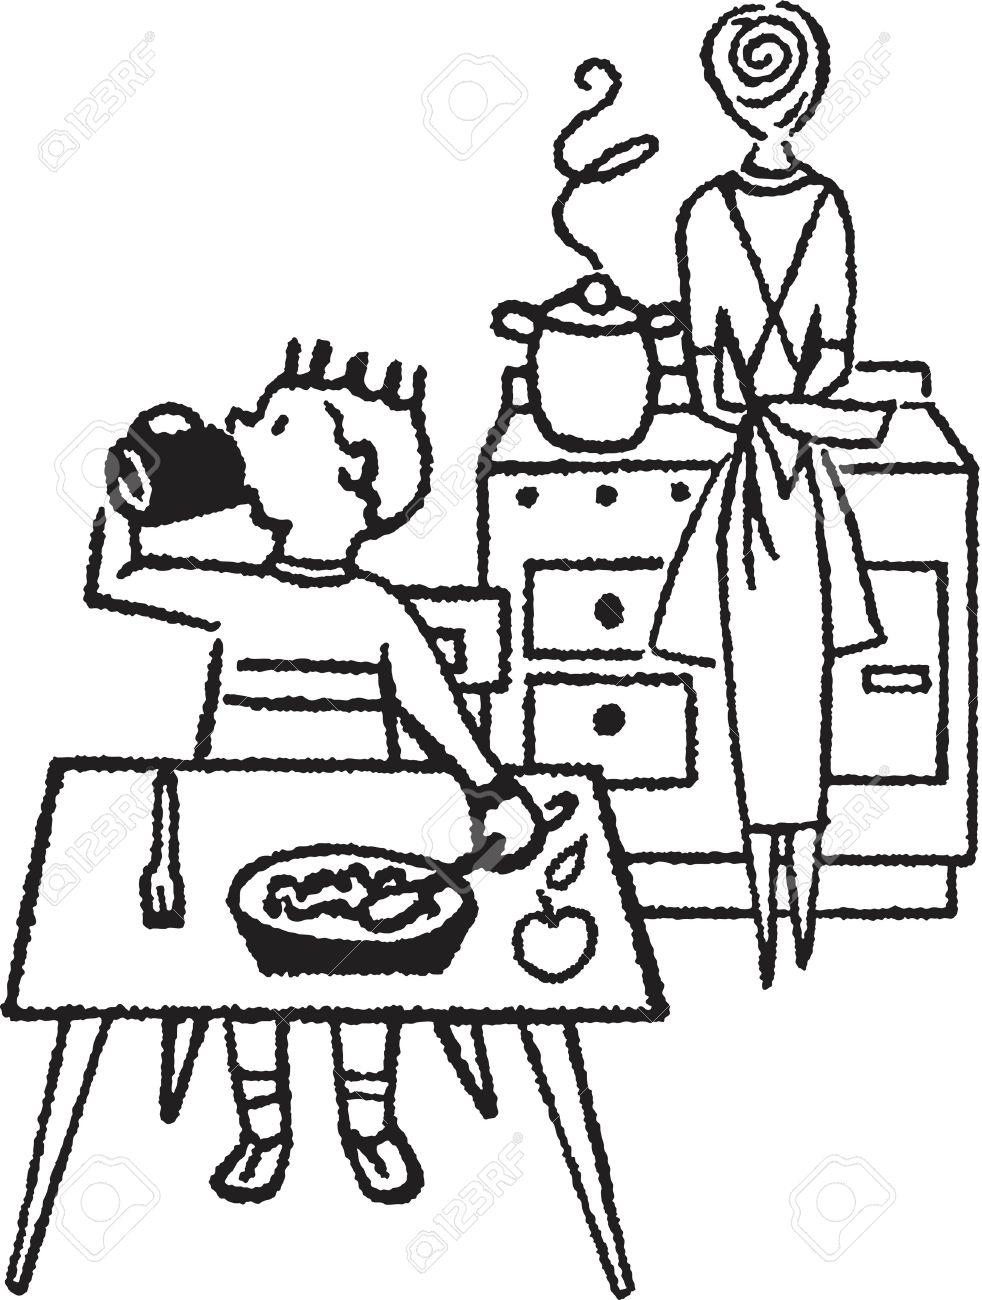 Ein Schwarz Weiss Version Eines Jungen Essen An Einem Tisch Mit